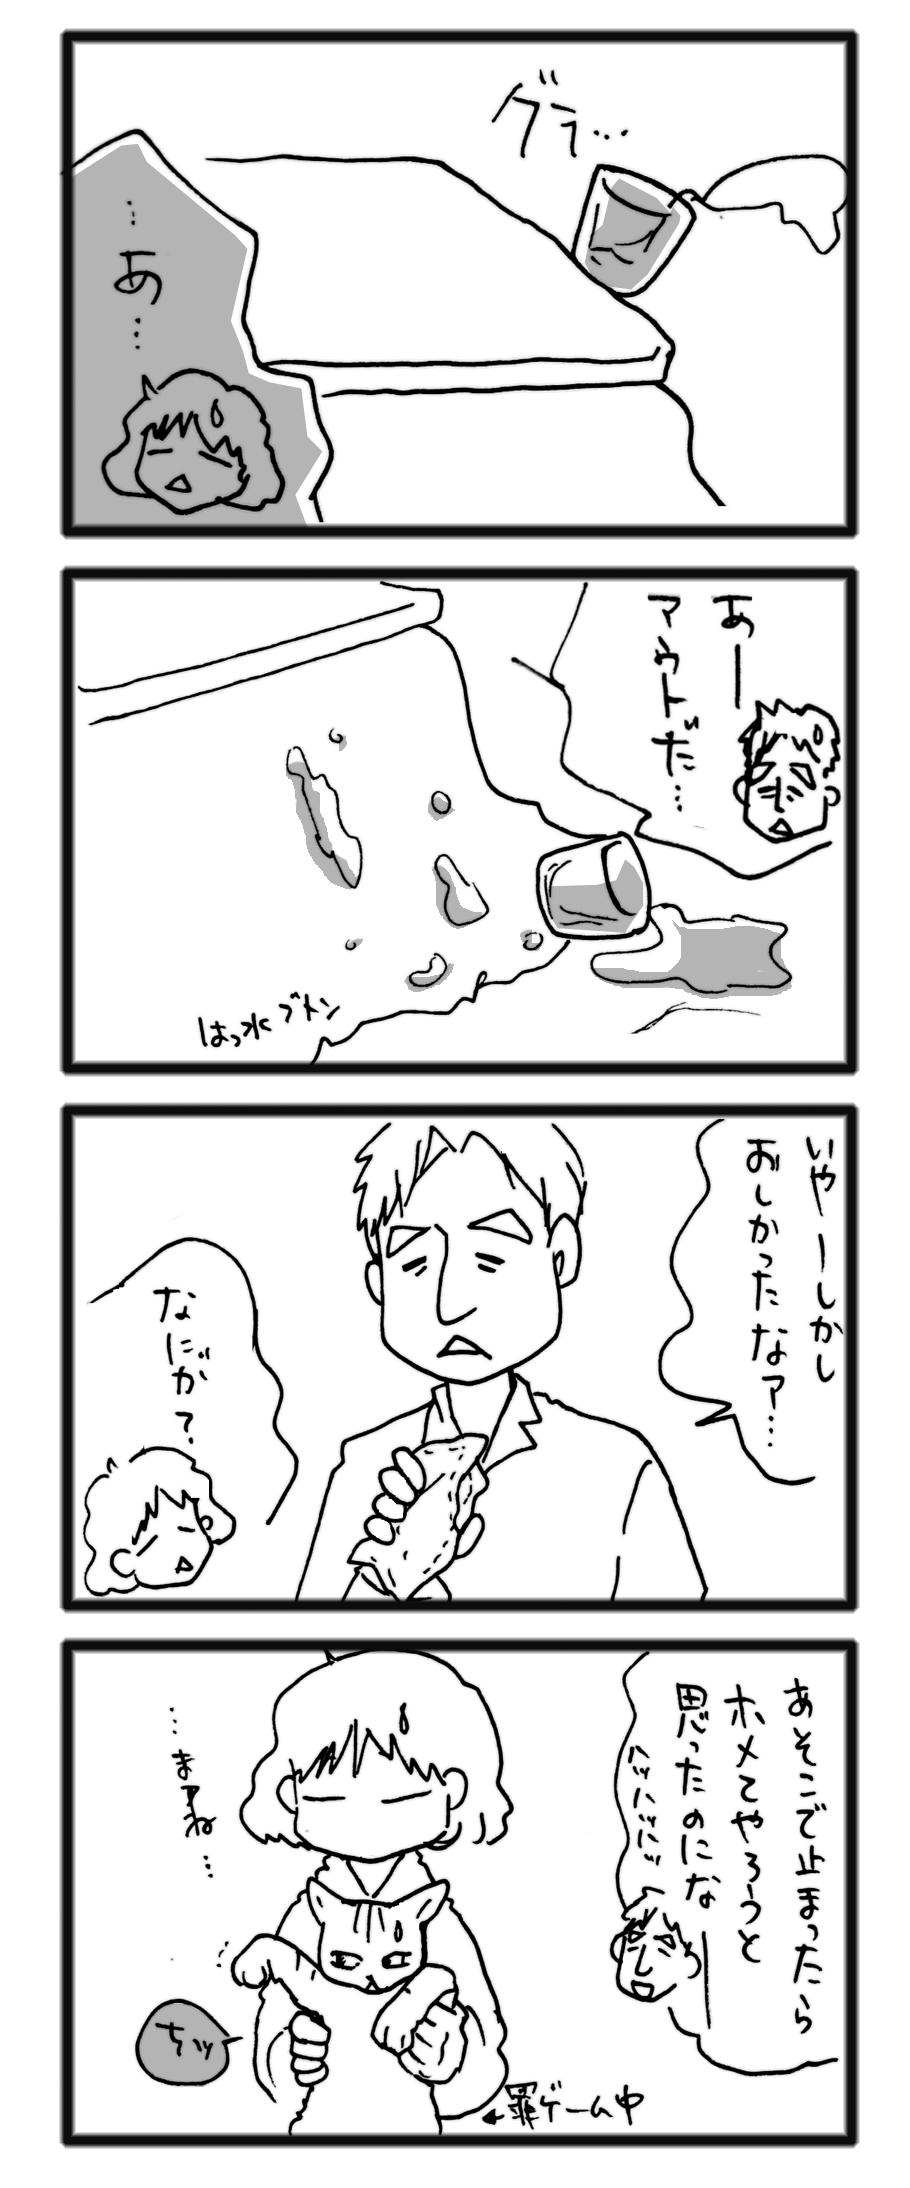 comic_13122502.jpg